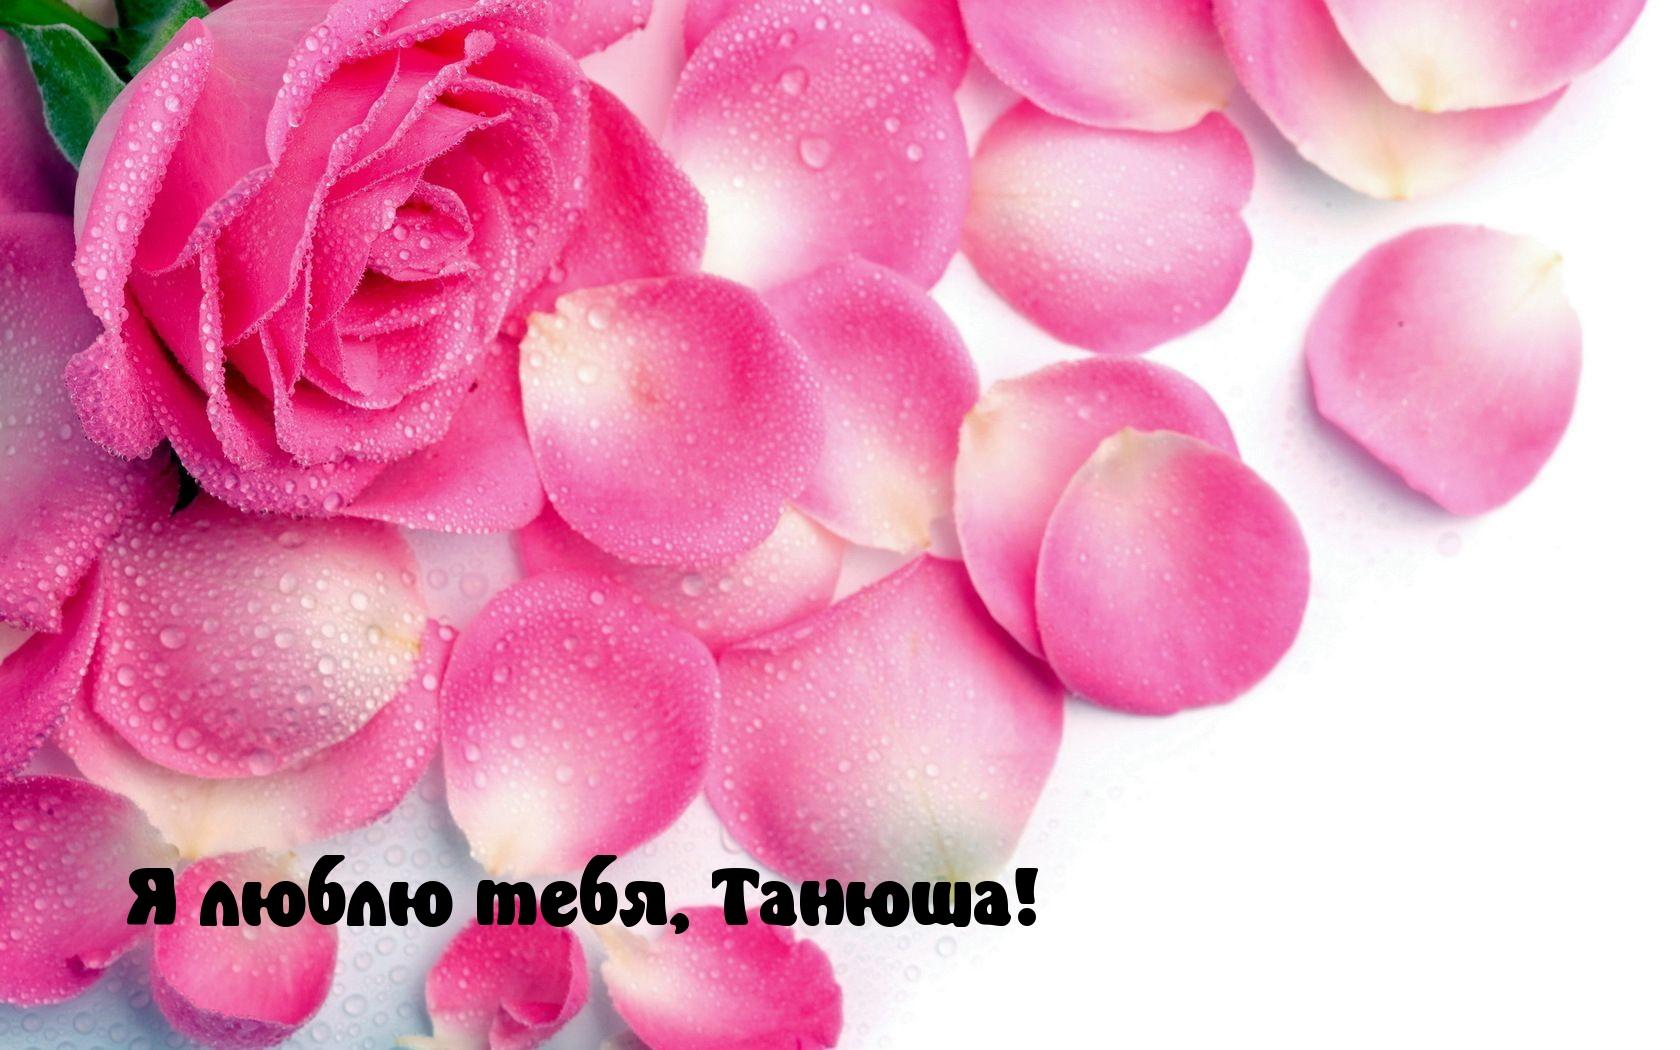 Картинки с надписями Я люблю тебя, Танюша!